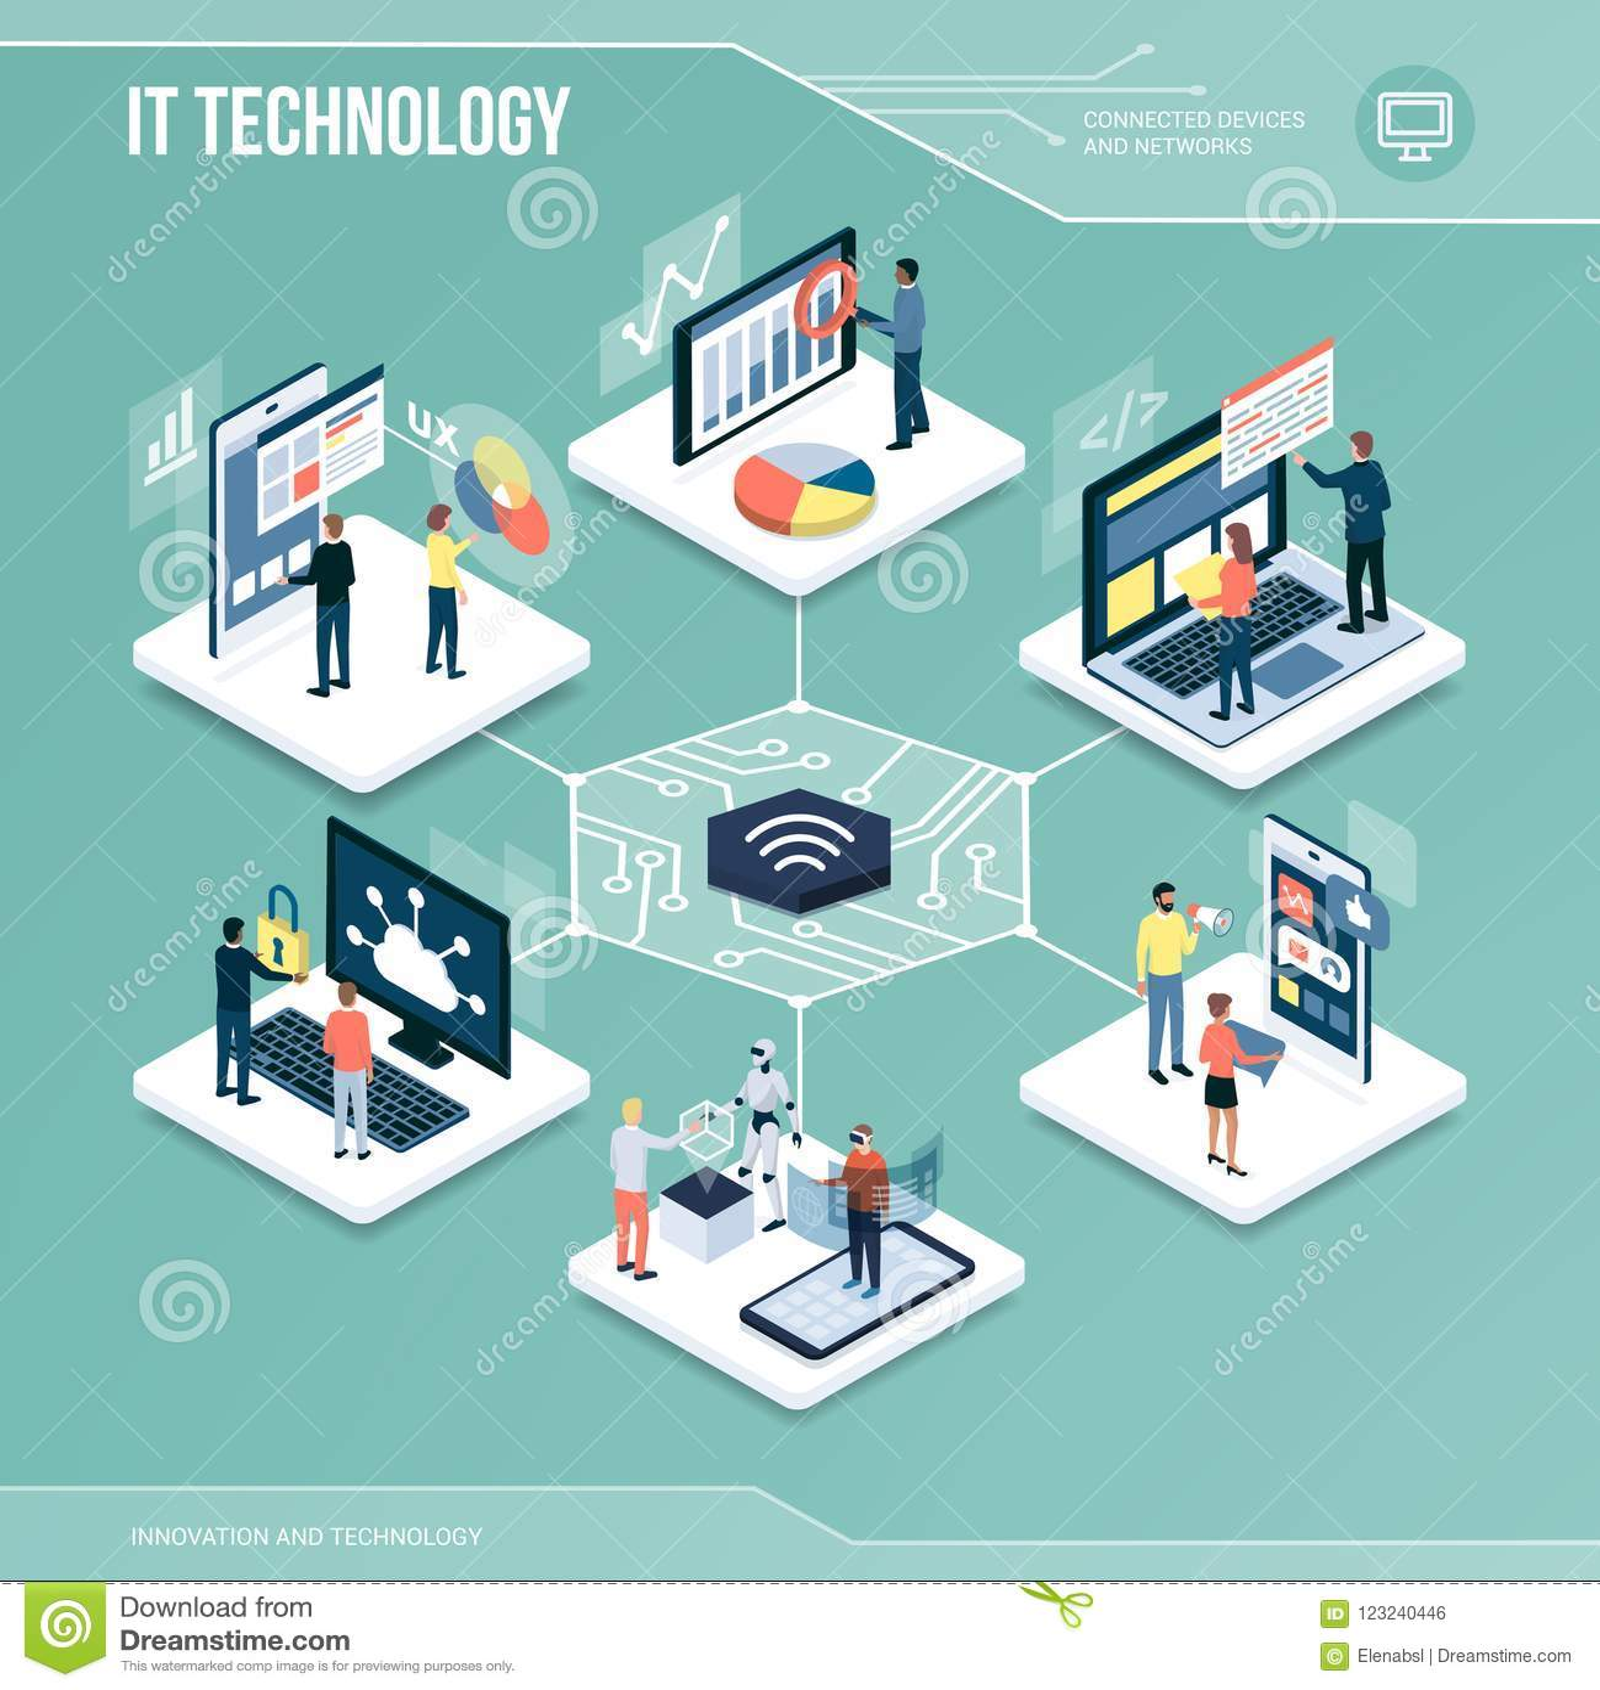 Digital kärna: It-teknologi och nätverk